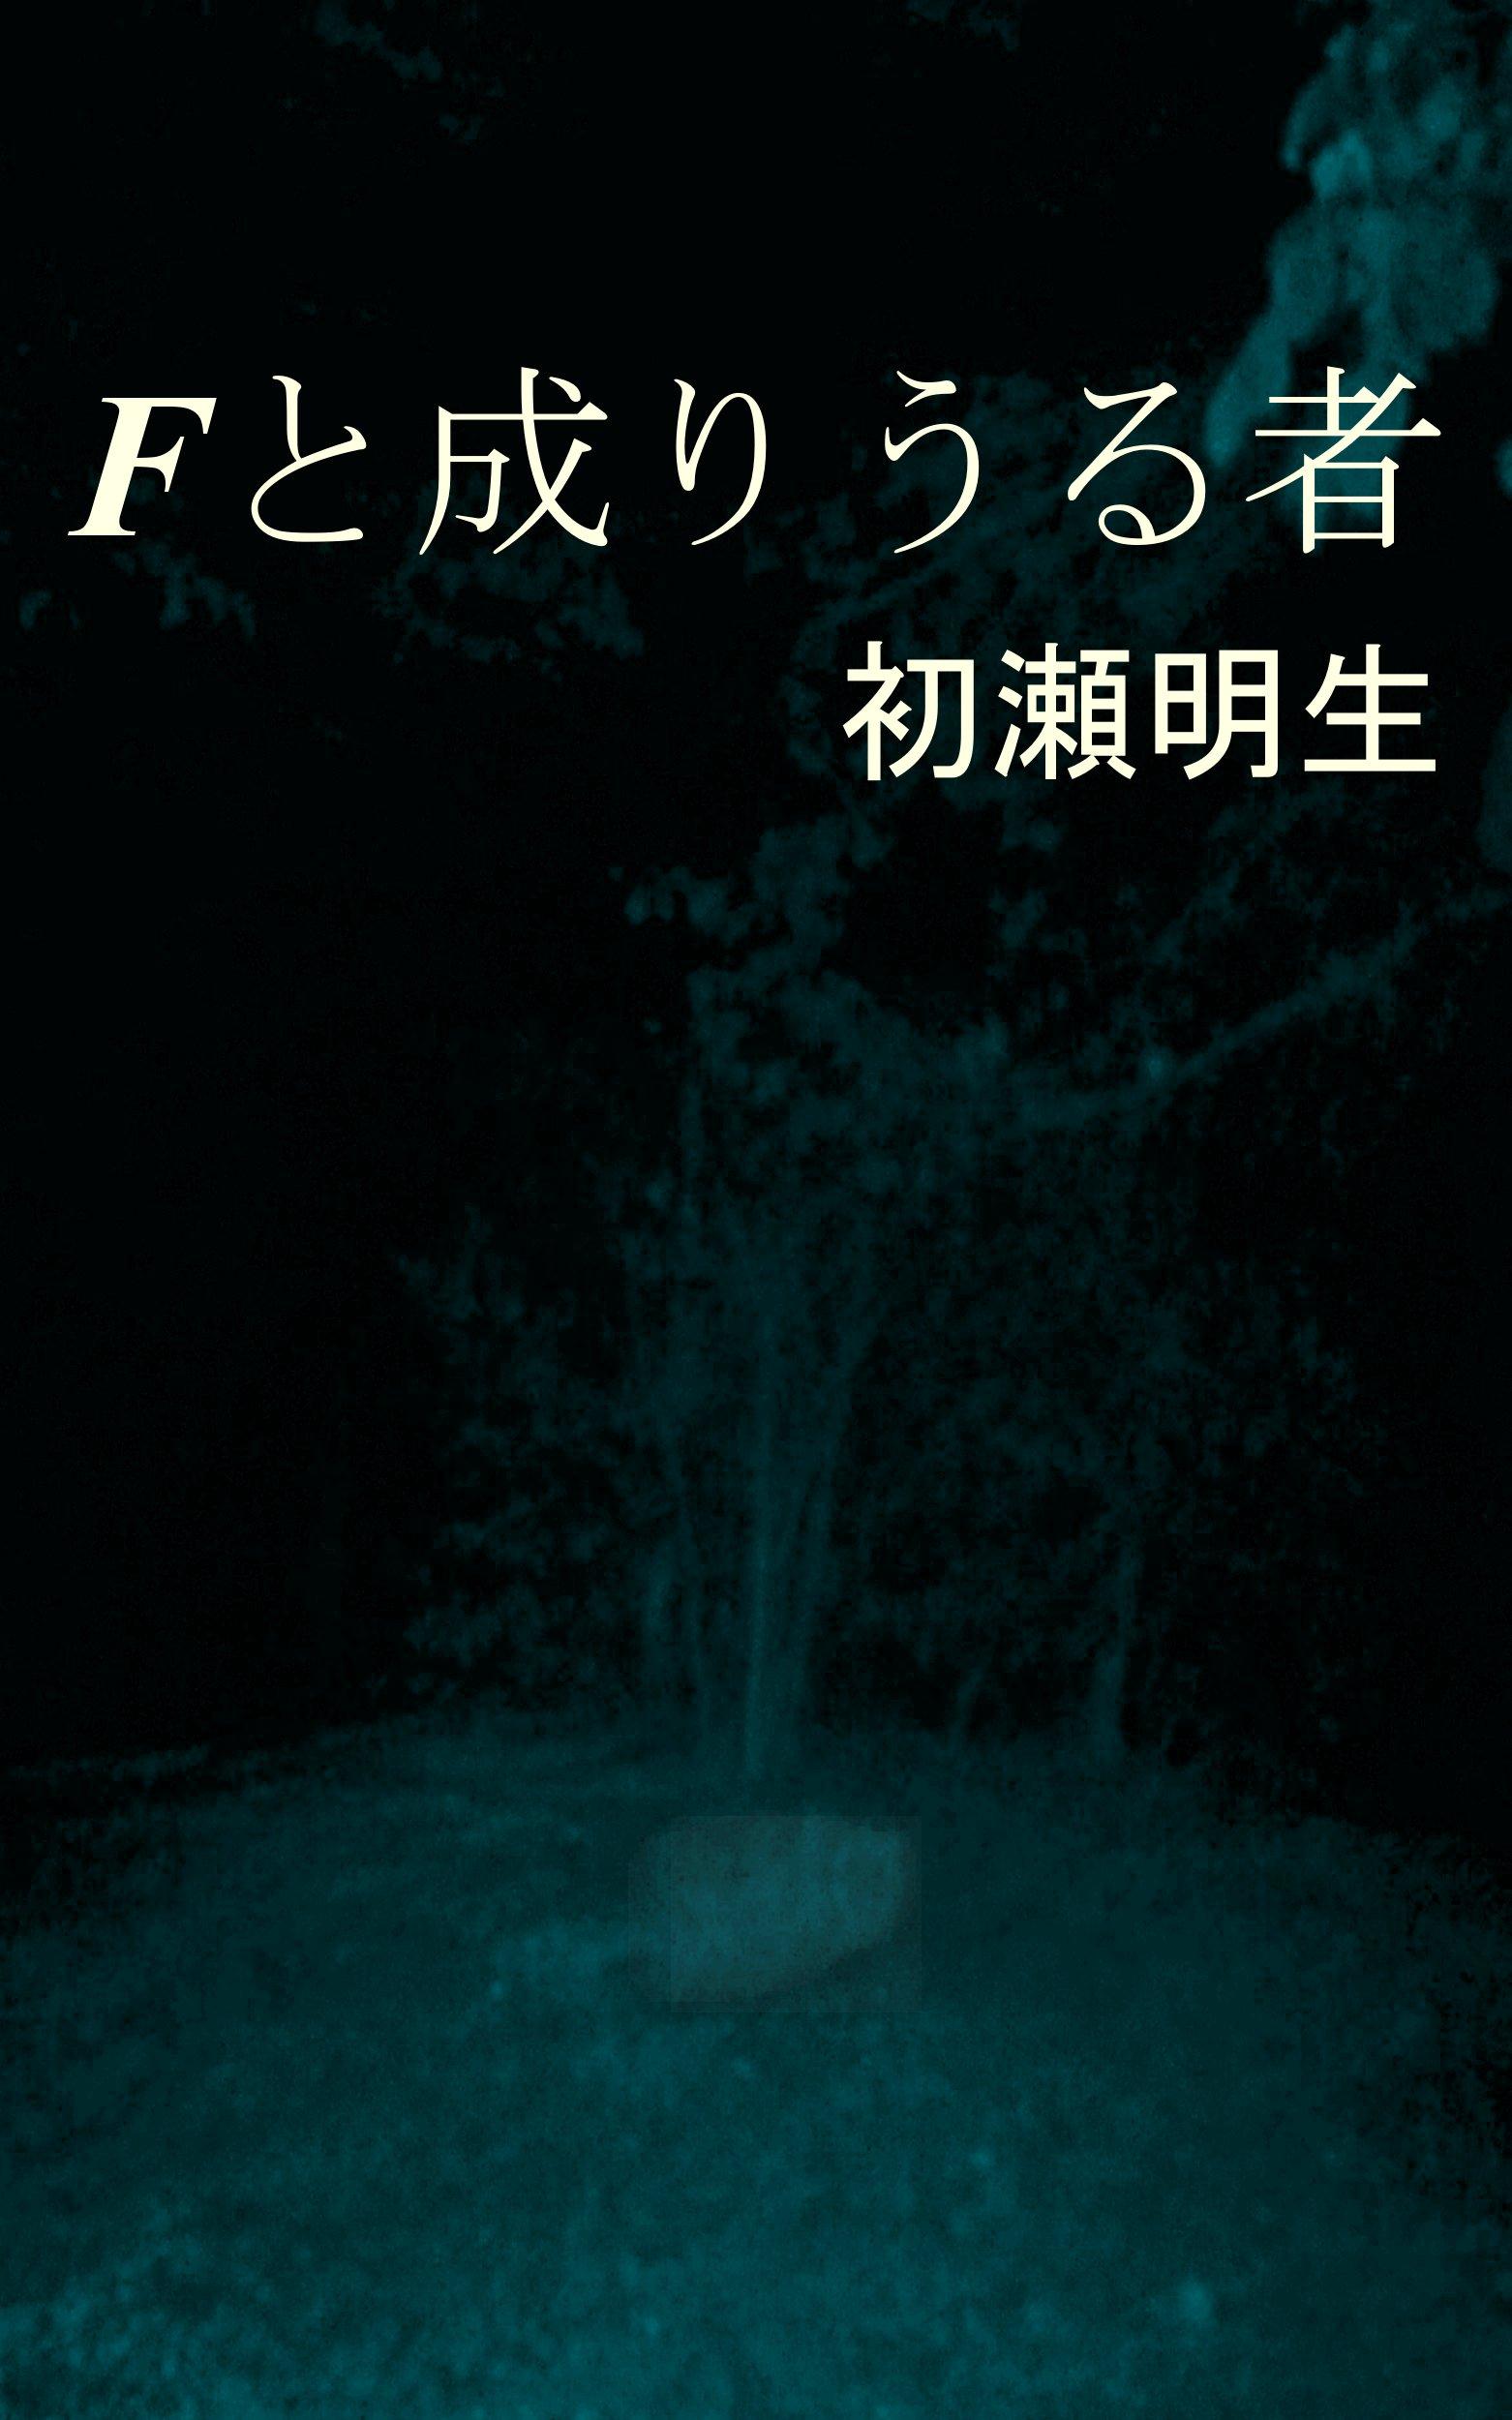 Ftonadaizai.jpg